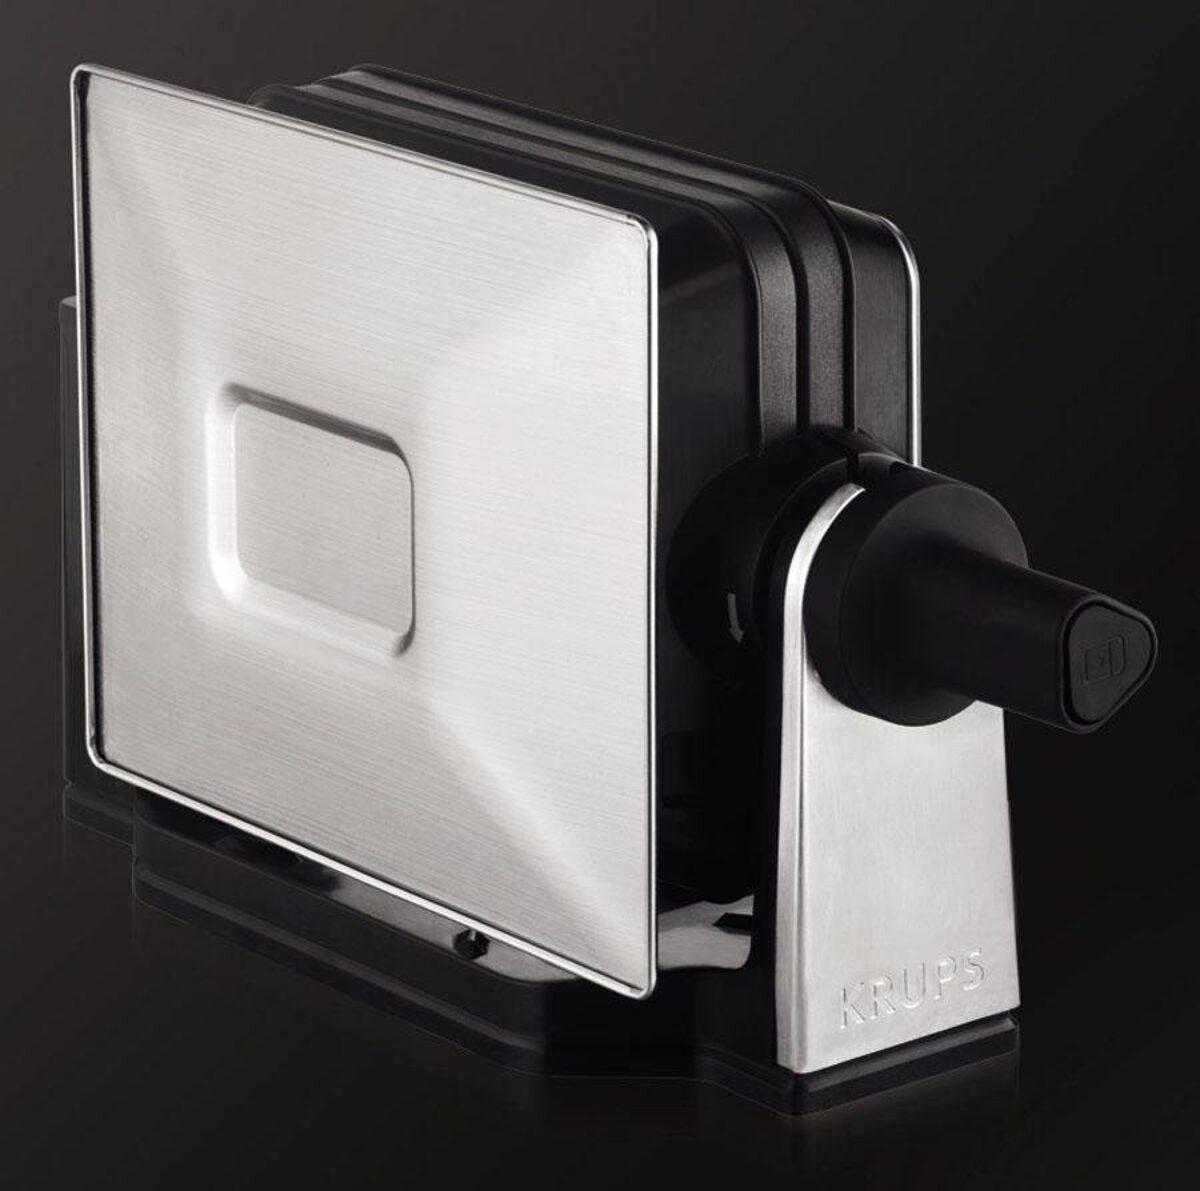 Bild 5 von Krups Waffeleisen FDD95D Professional, 1200 W, Backraum drehbar